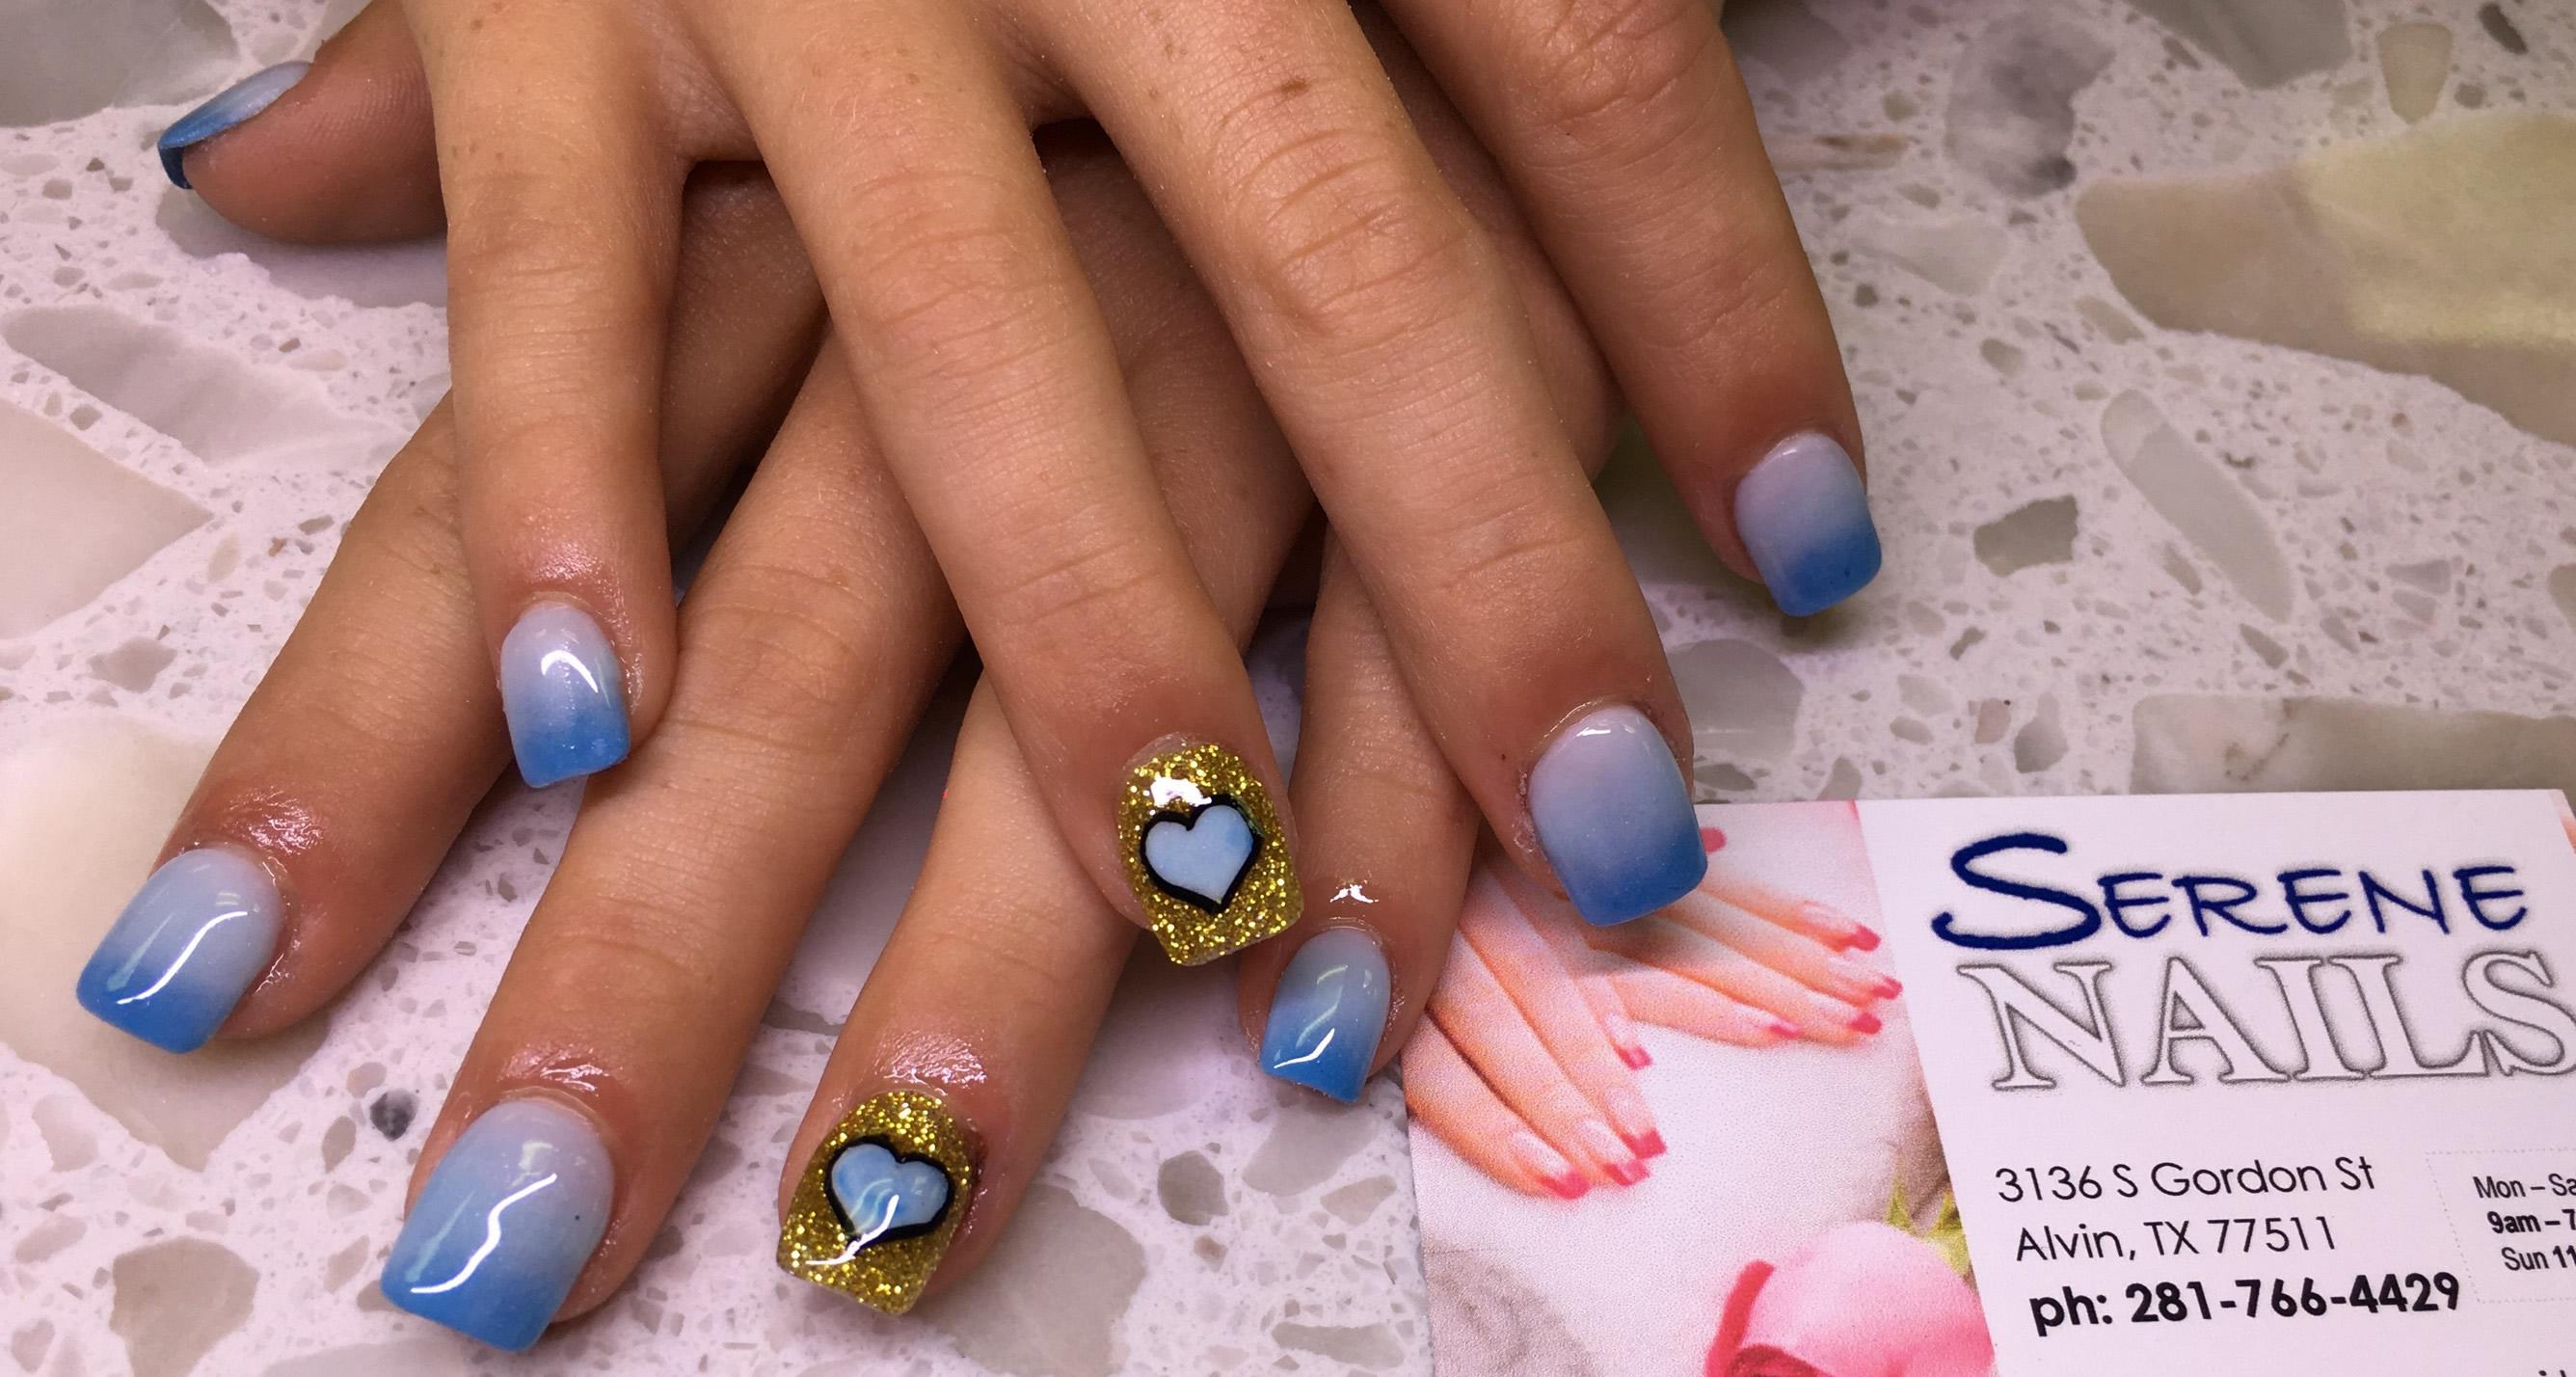 Serene Nails image 73